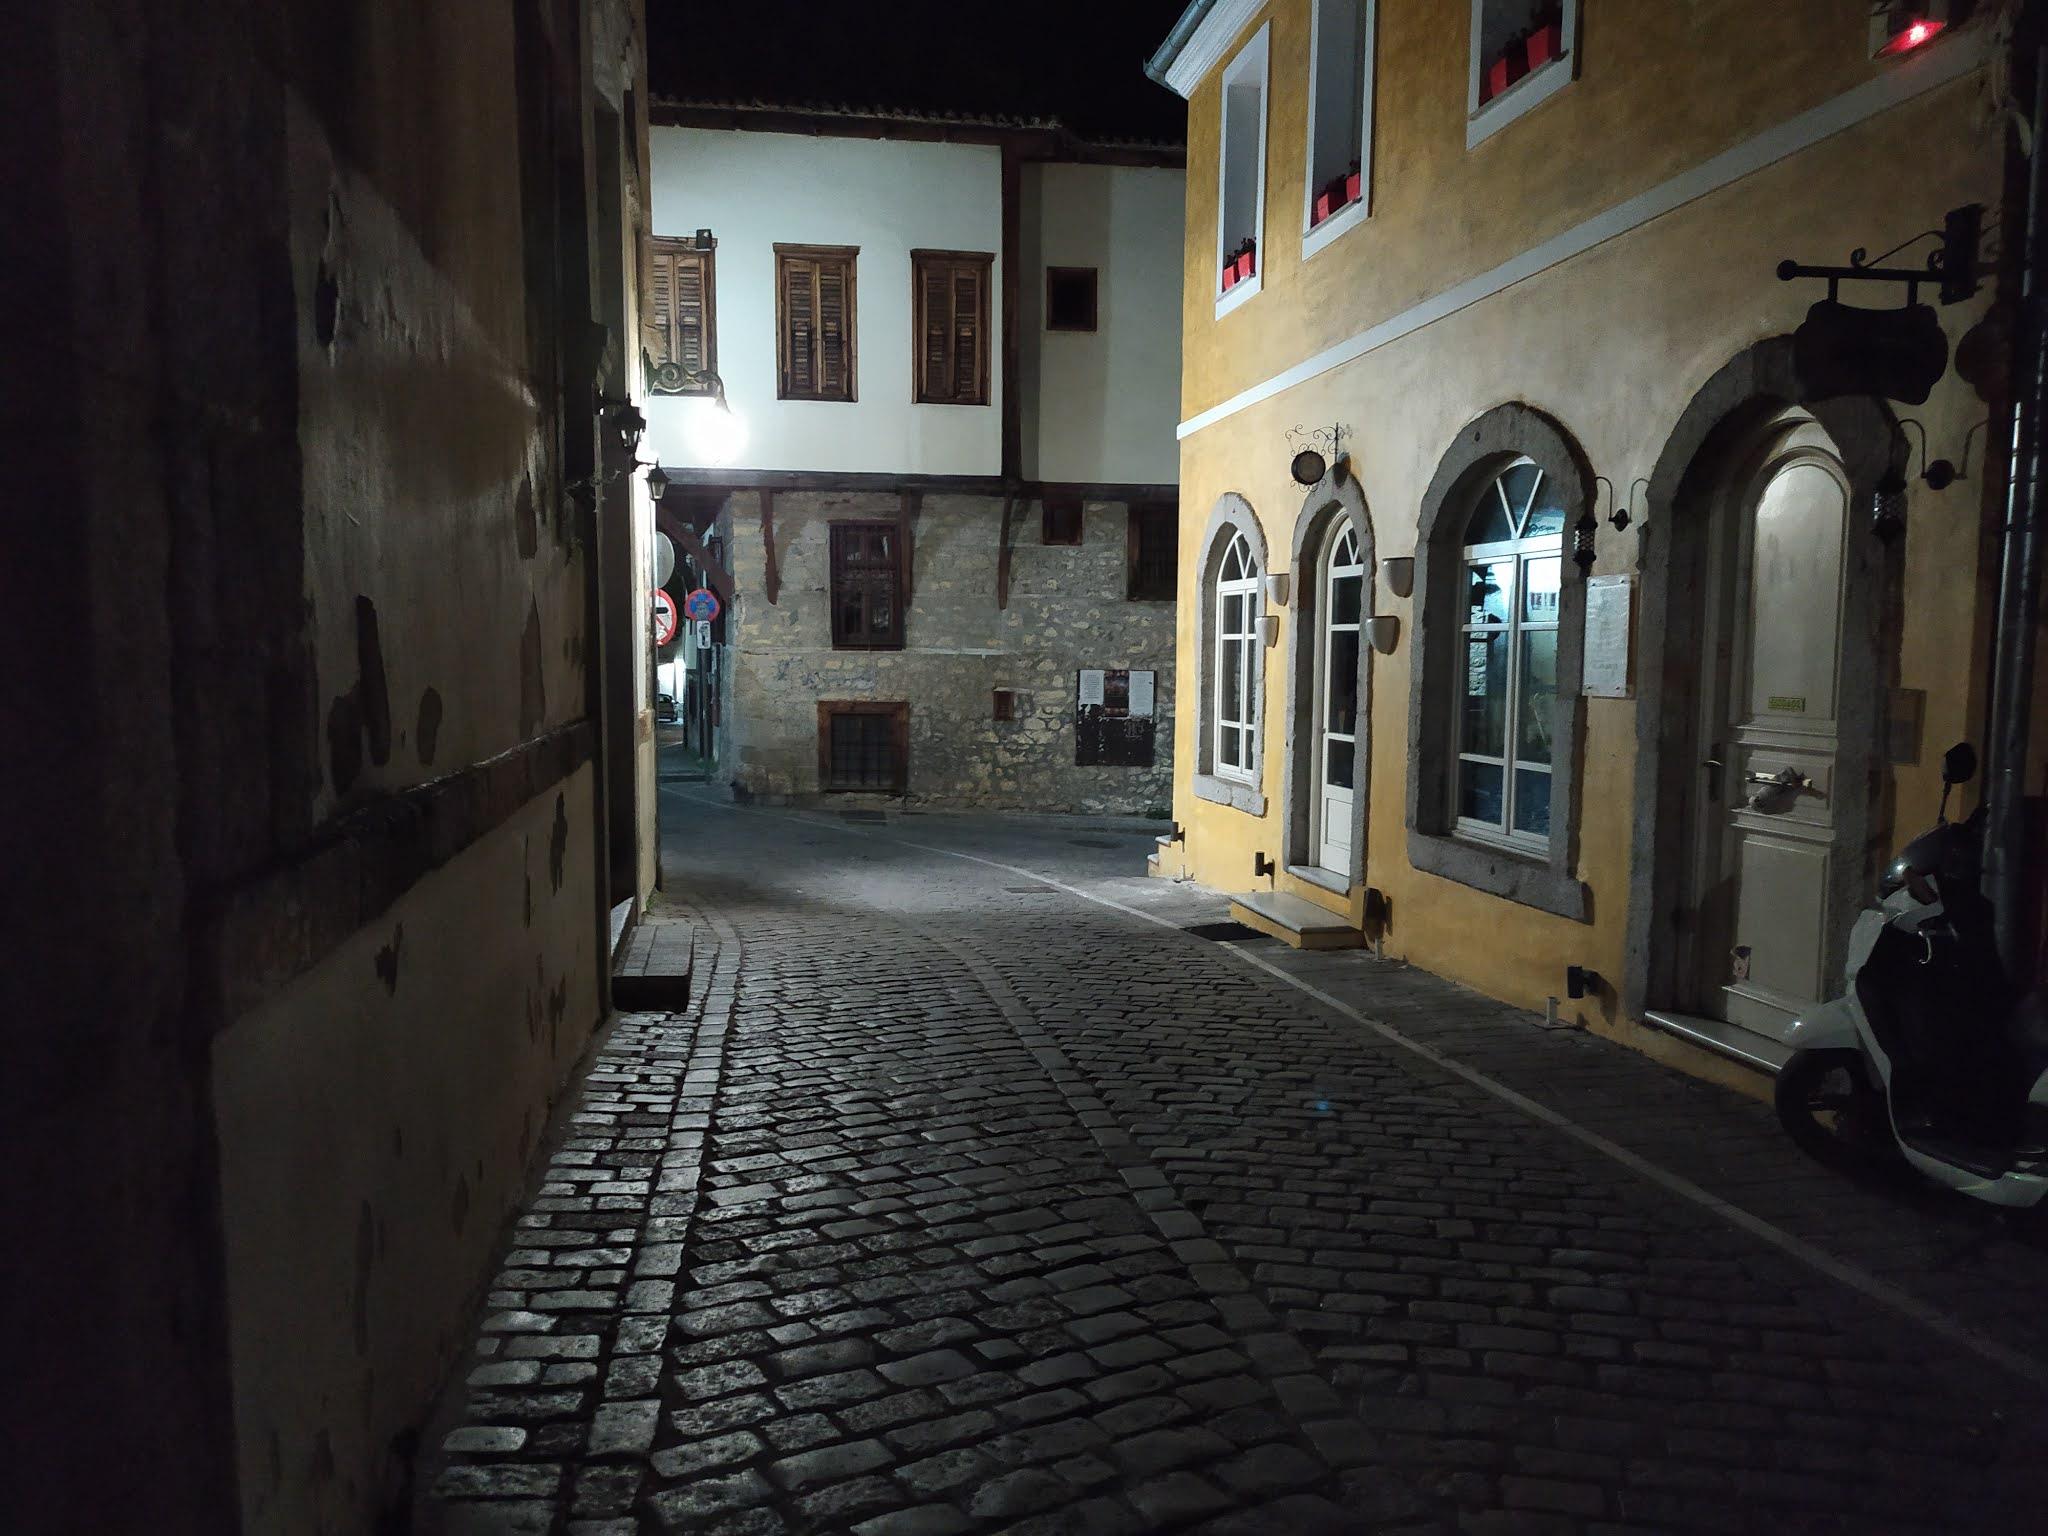 Νέκρωσε η Παλιά Πόλη - Κλειστά καφέ και άδειοι δρόμοι